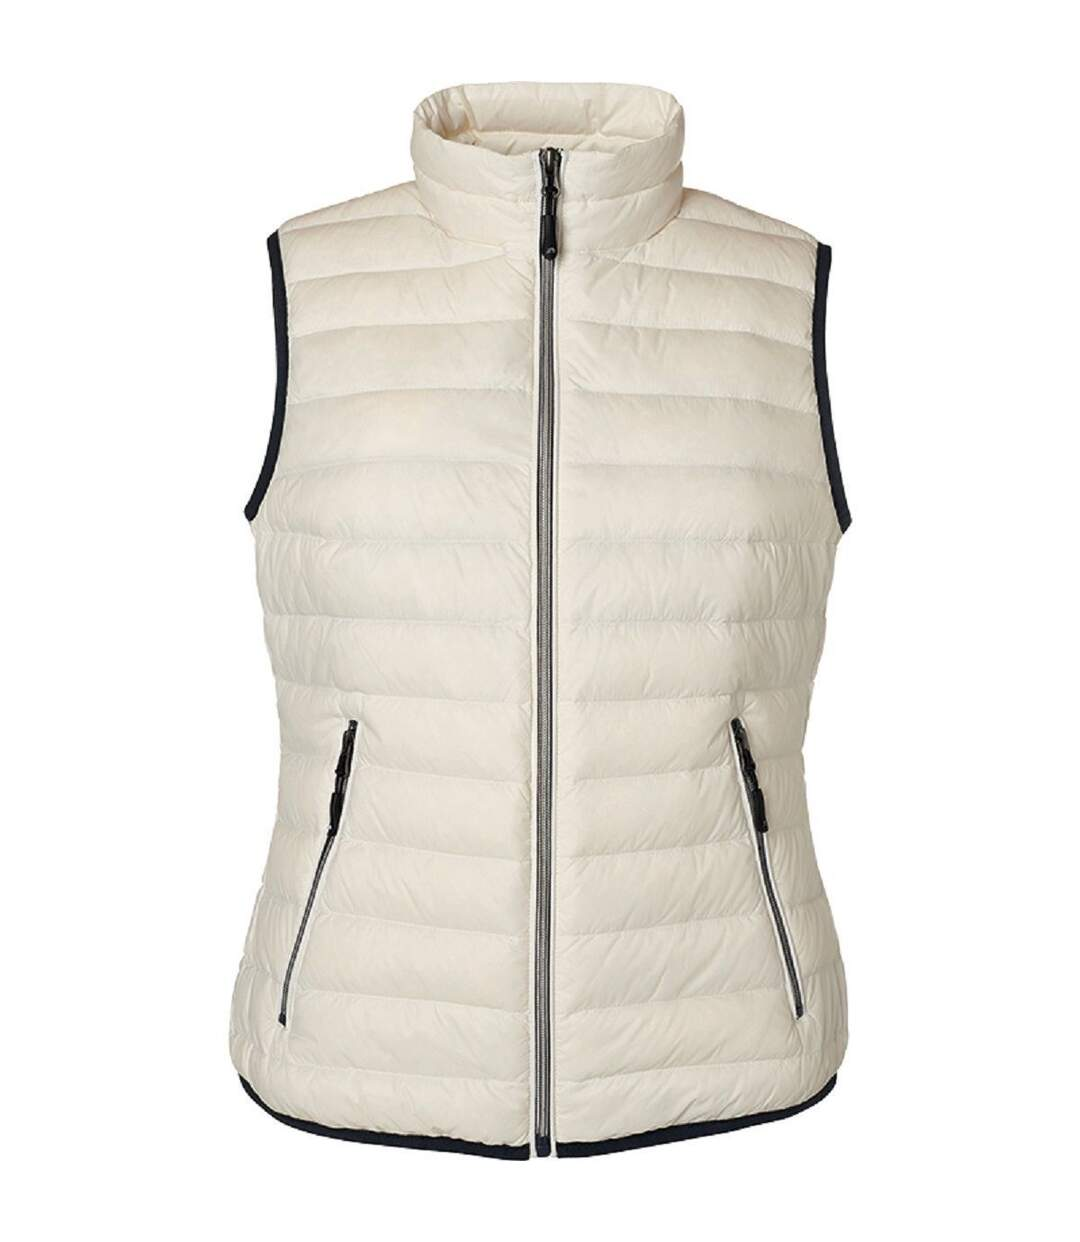 Bodywarmer duvet - JN1137 - blanc cassé - Femme